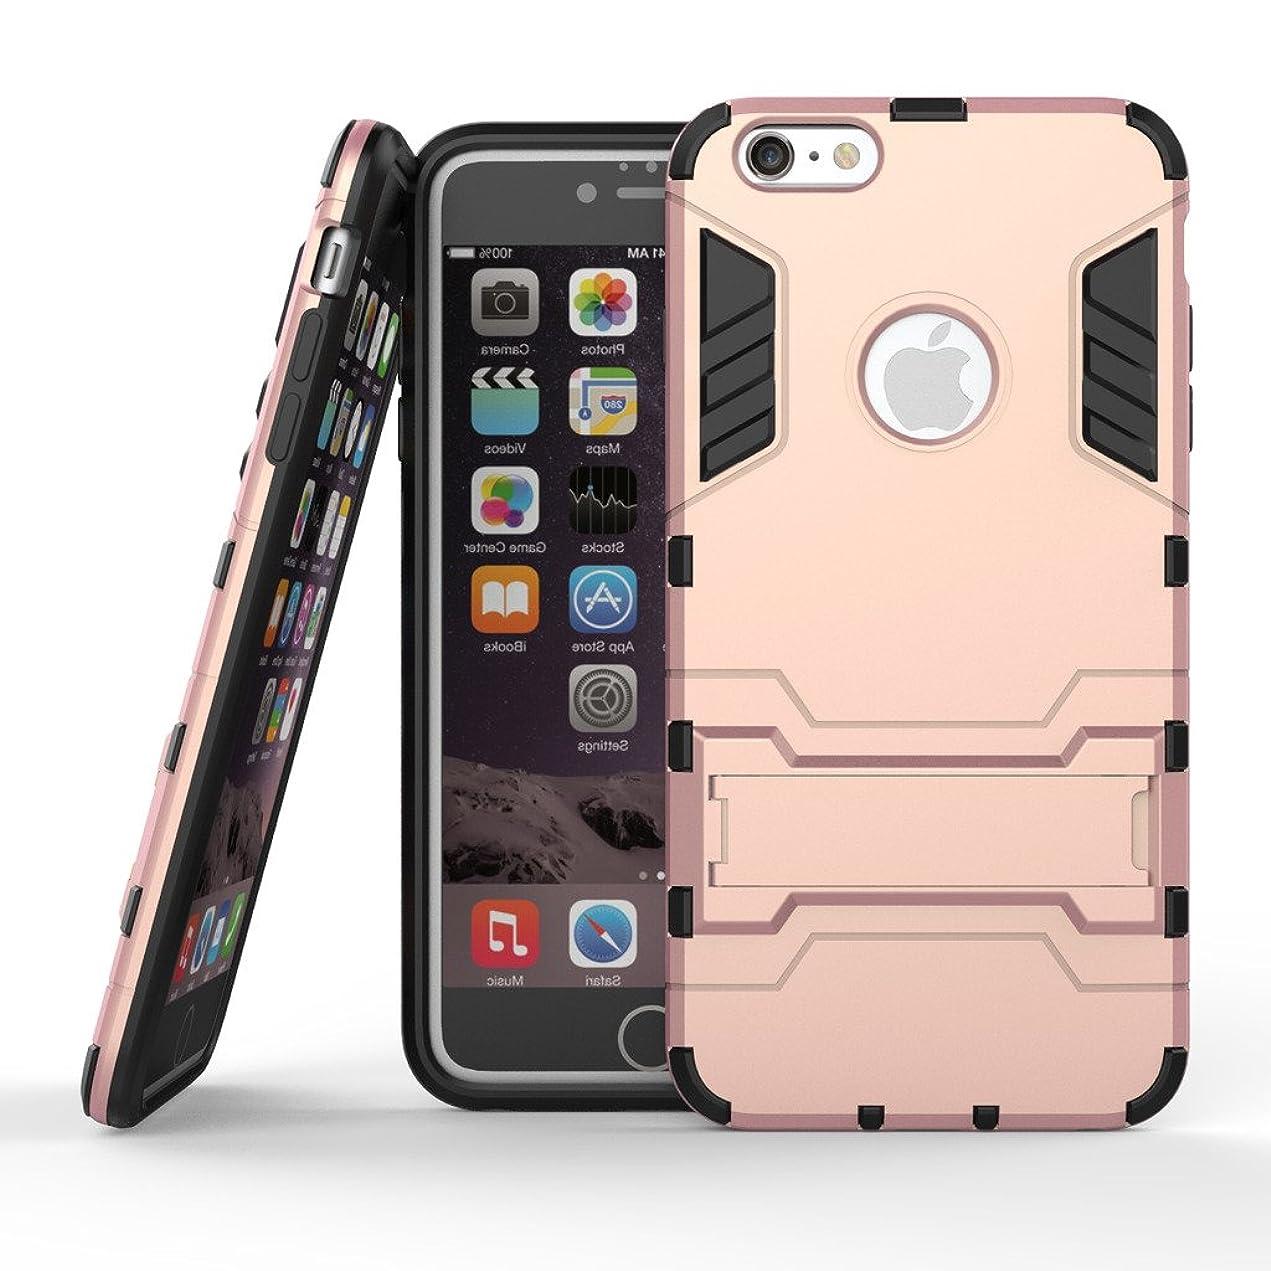 踊り子お誕生日直接Ougger(TM) Apple iphone 6 6s plus (5.5) カバー ケース, エクストリーム保護 衝撃吸収性 [スタンド] 鎧 硬い PC + ソフト TPU 緩衝ゴム 2in1 カバー (ローズゴールド)